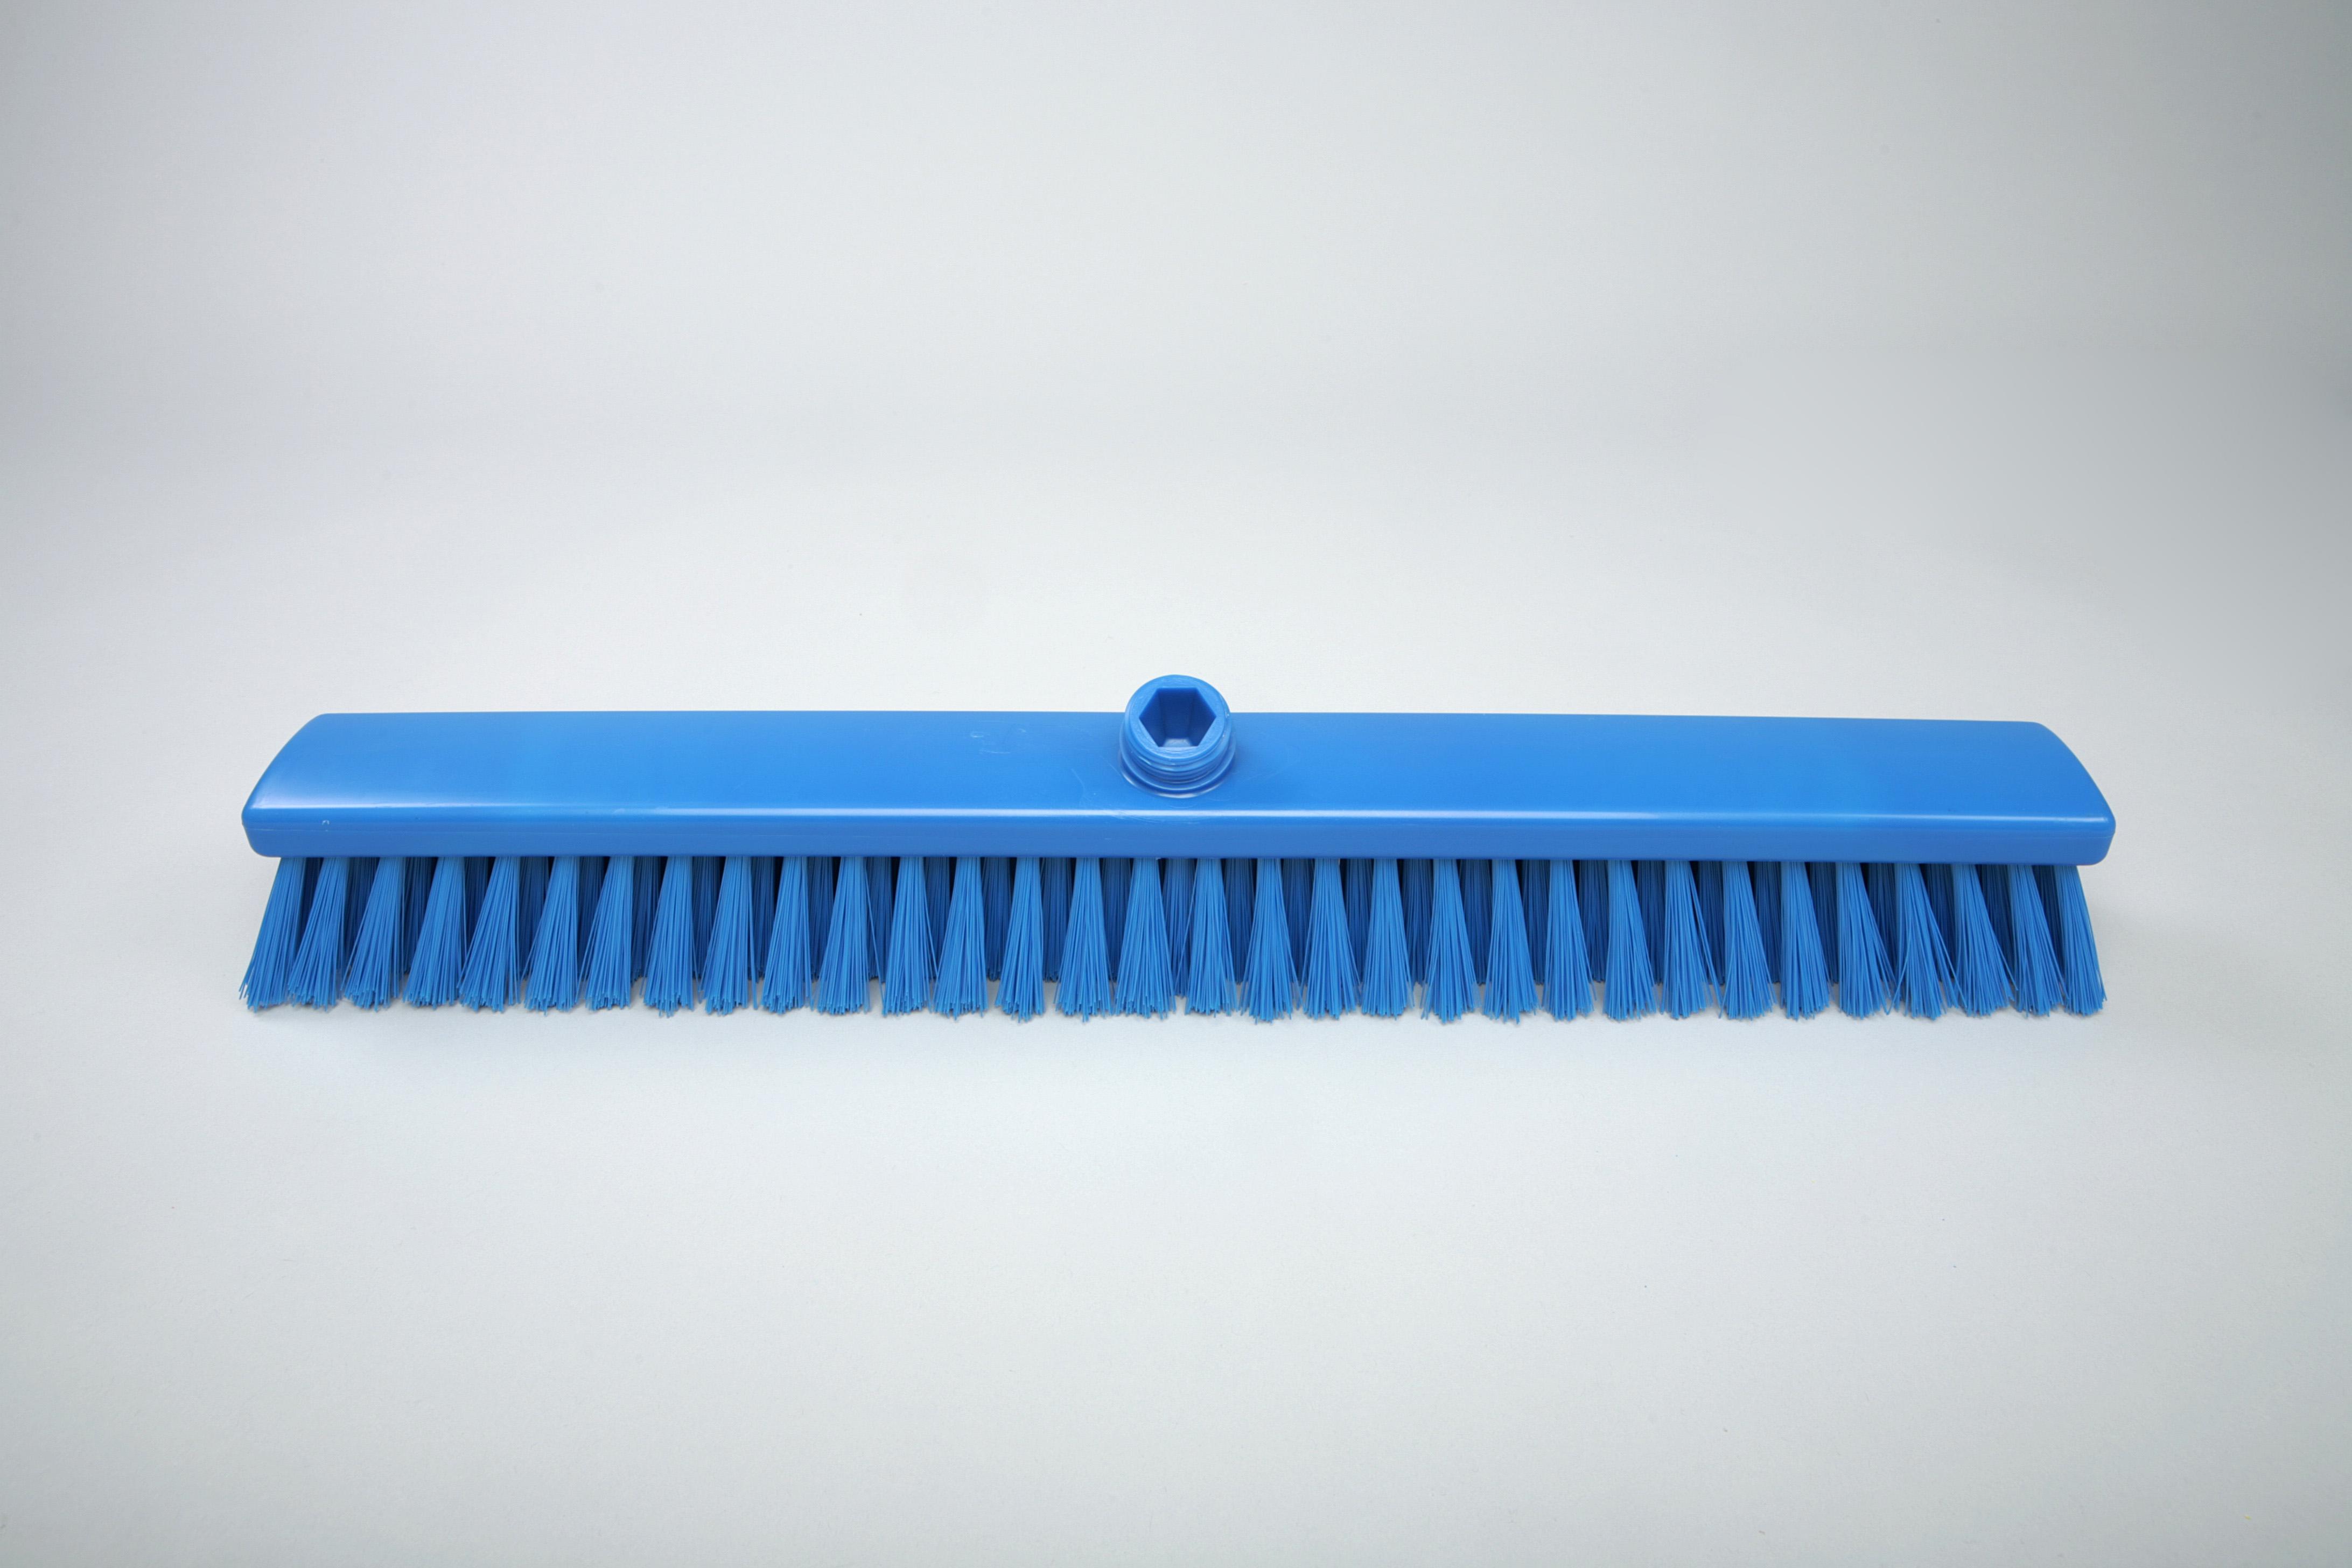 Unimop pühkimishari 600 x 60 x 55 mm, keskmine, sinine, kastis 6 tk